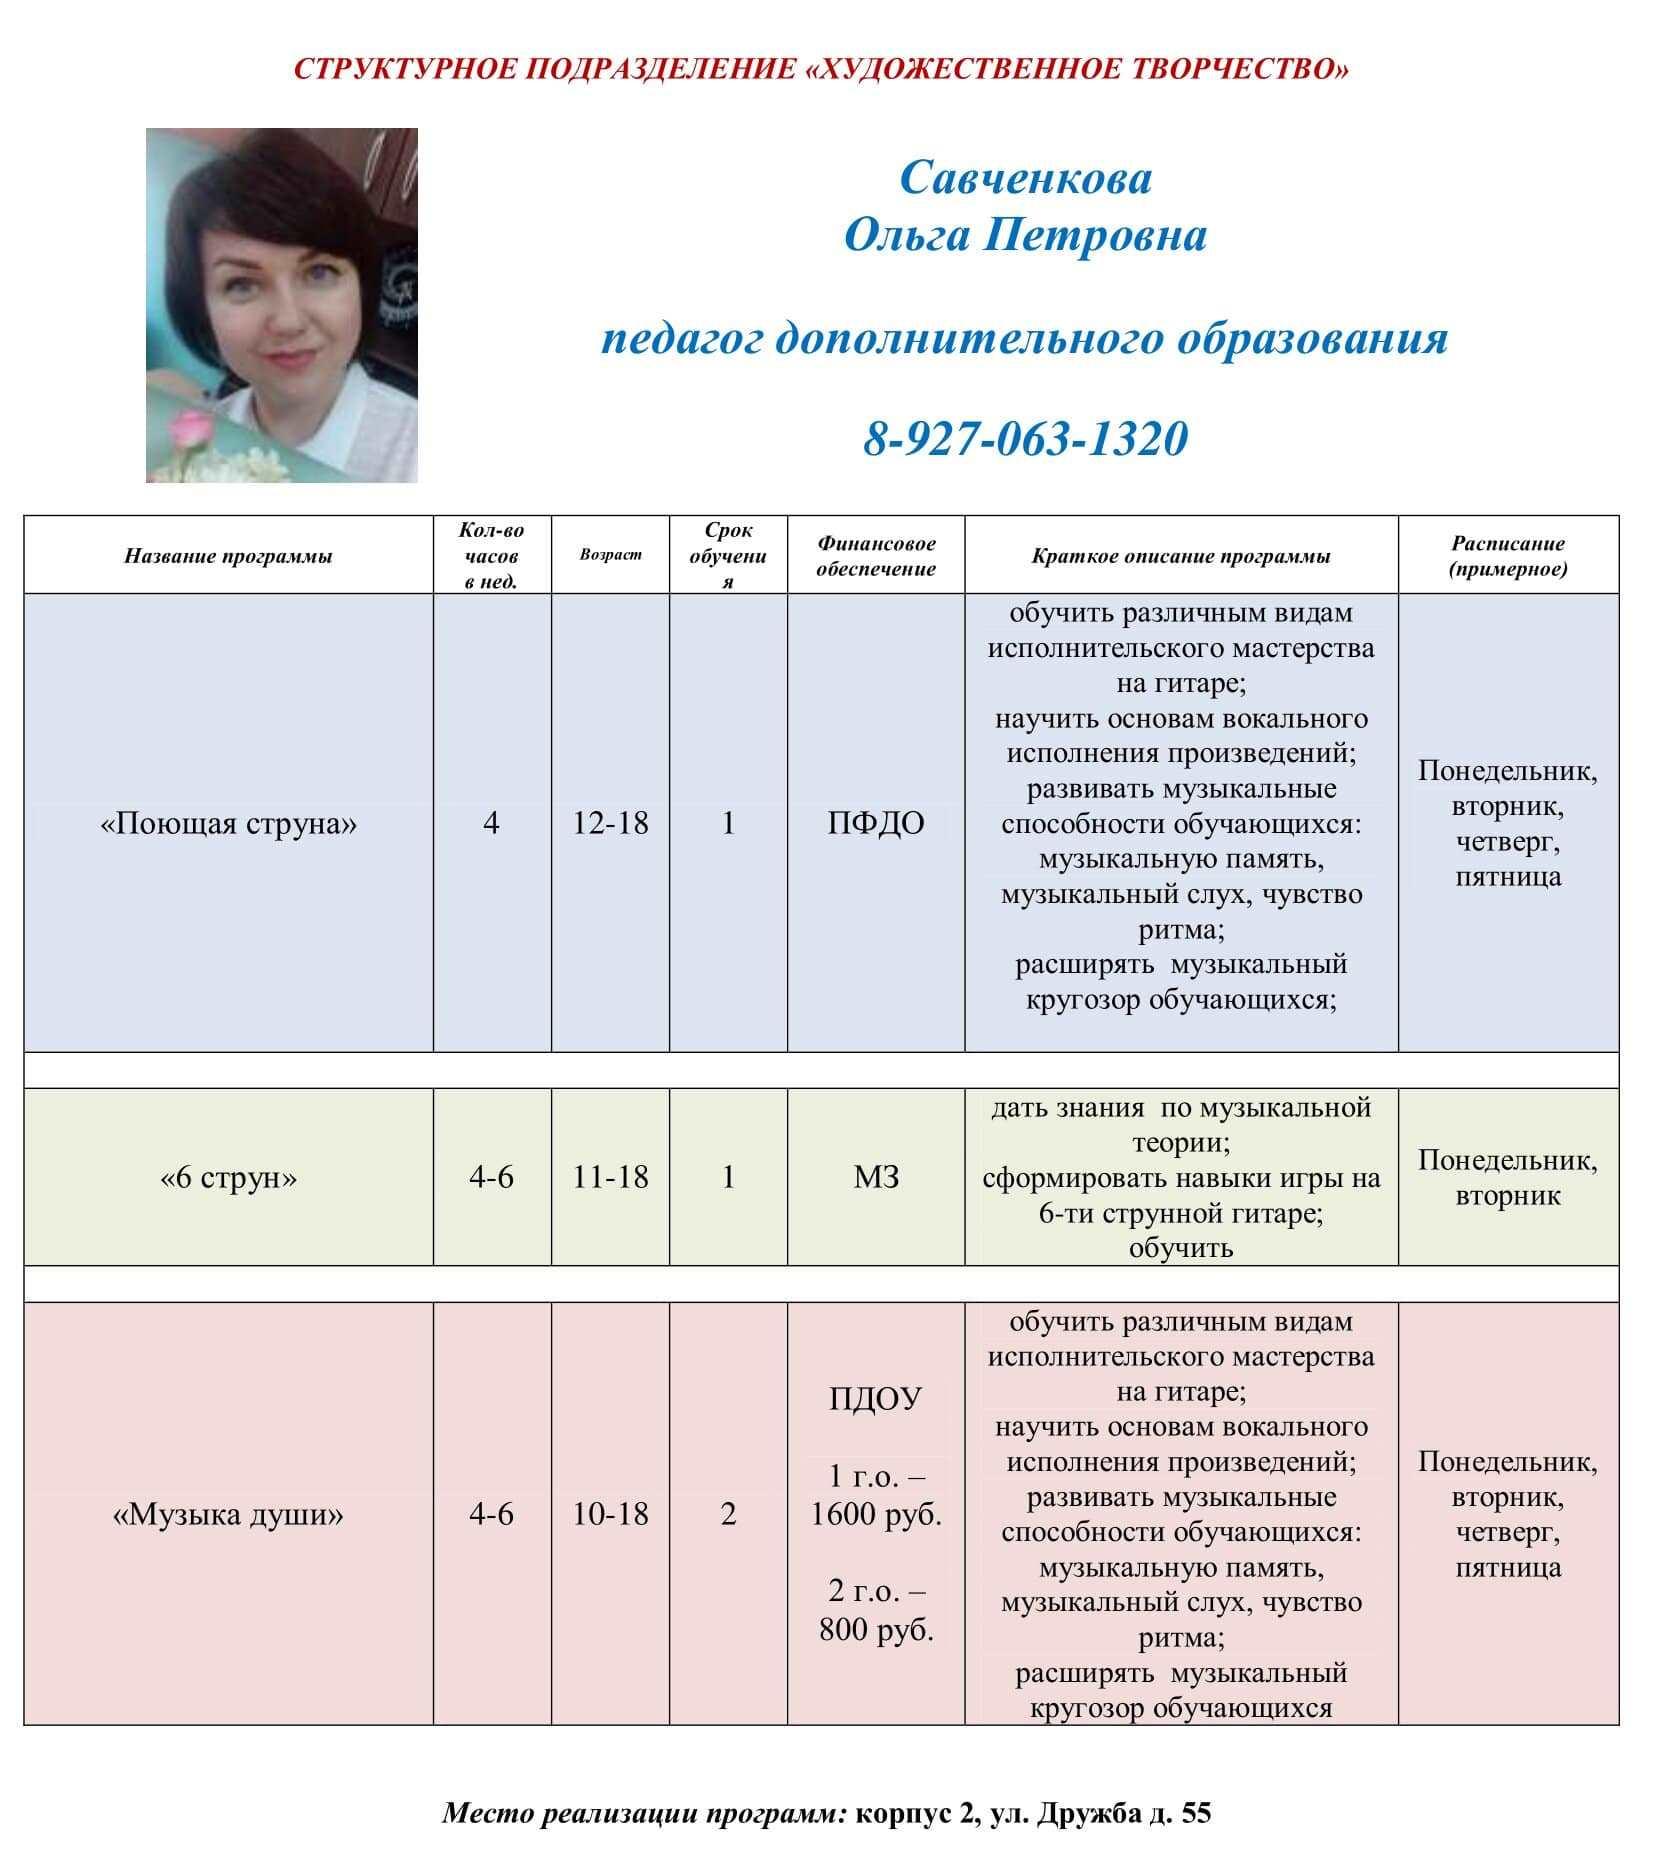 Савченкова О.П.